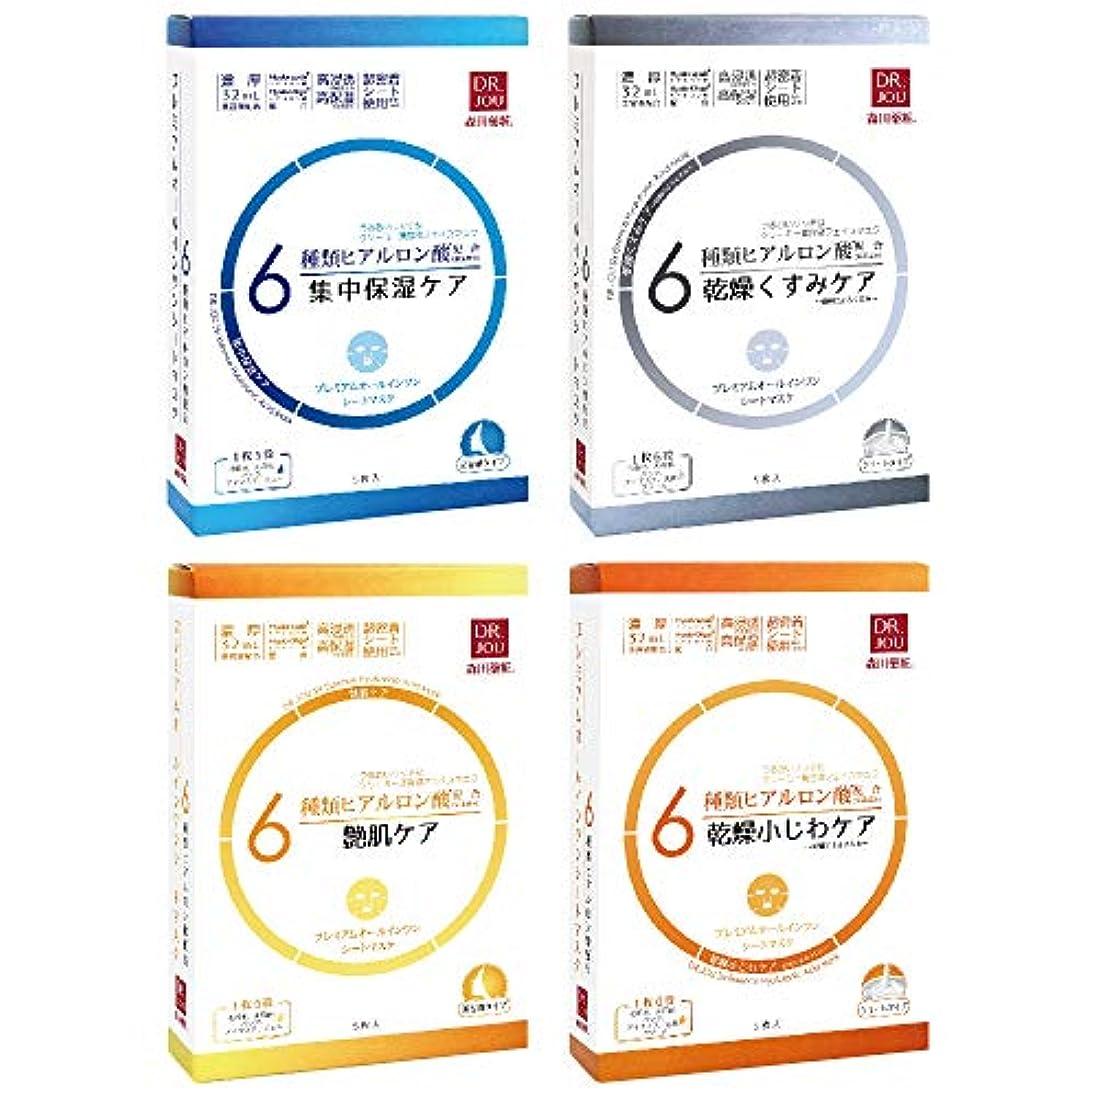 はぁととにかく【森田薬粧DR.JOU】6種類ヒアルロン酸配合 プレミアムオールインワンマスク 4種揃えセット(各5枚入り)